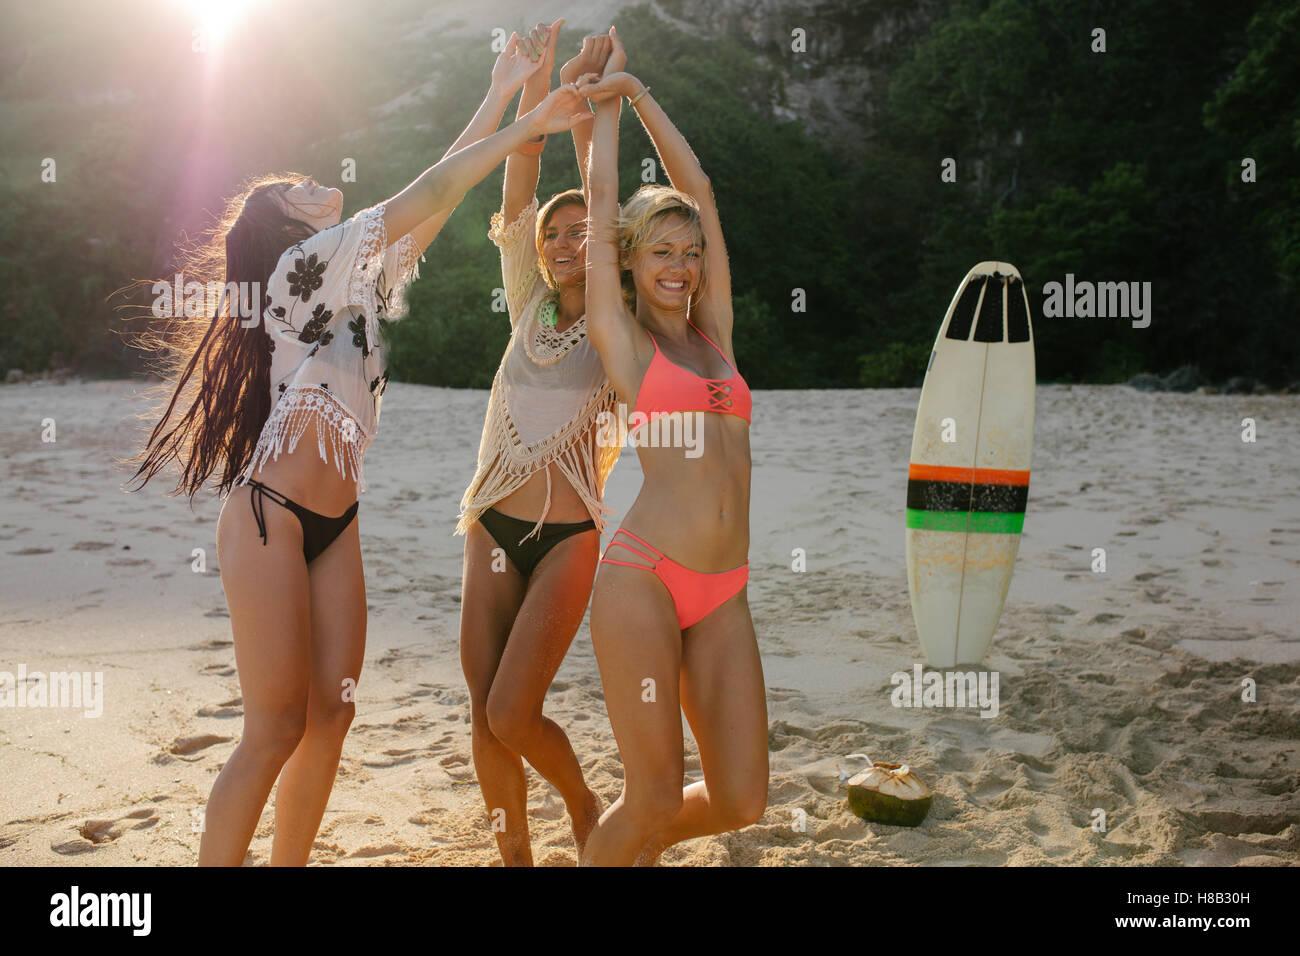 Feliz amigas de fiesta en la playa y el baile. Las mujeres divirtiéndose en la fiesta en la playa. Imagen De Stock